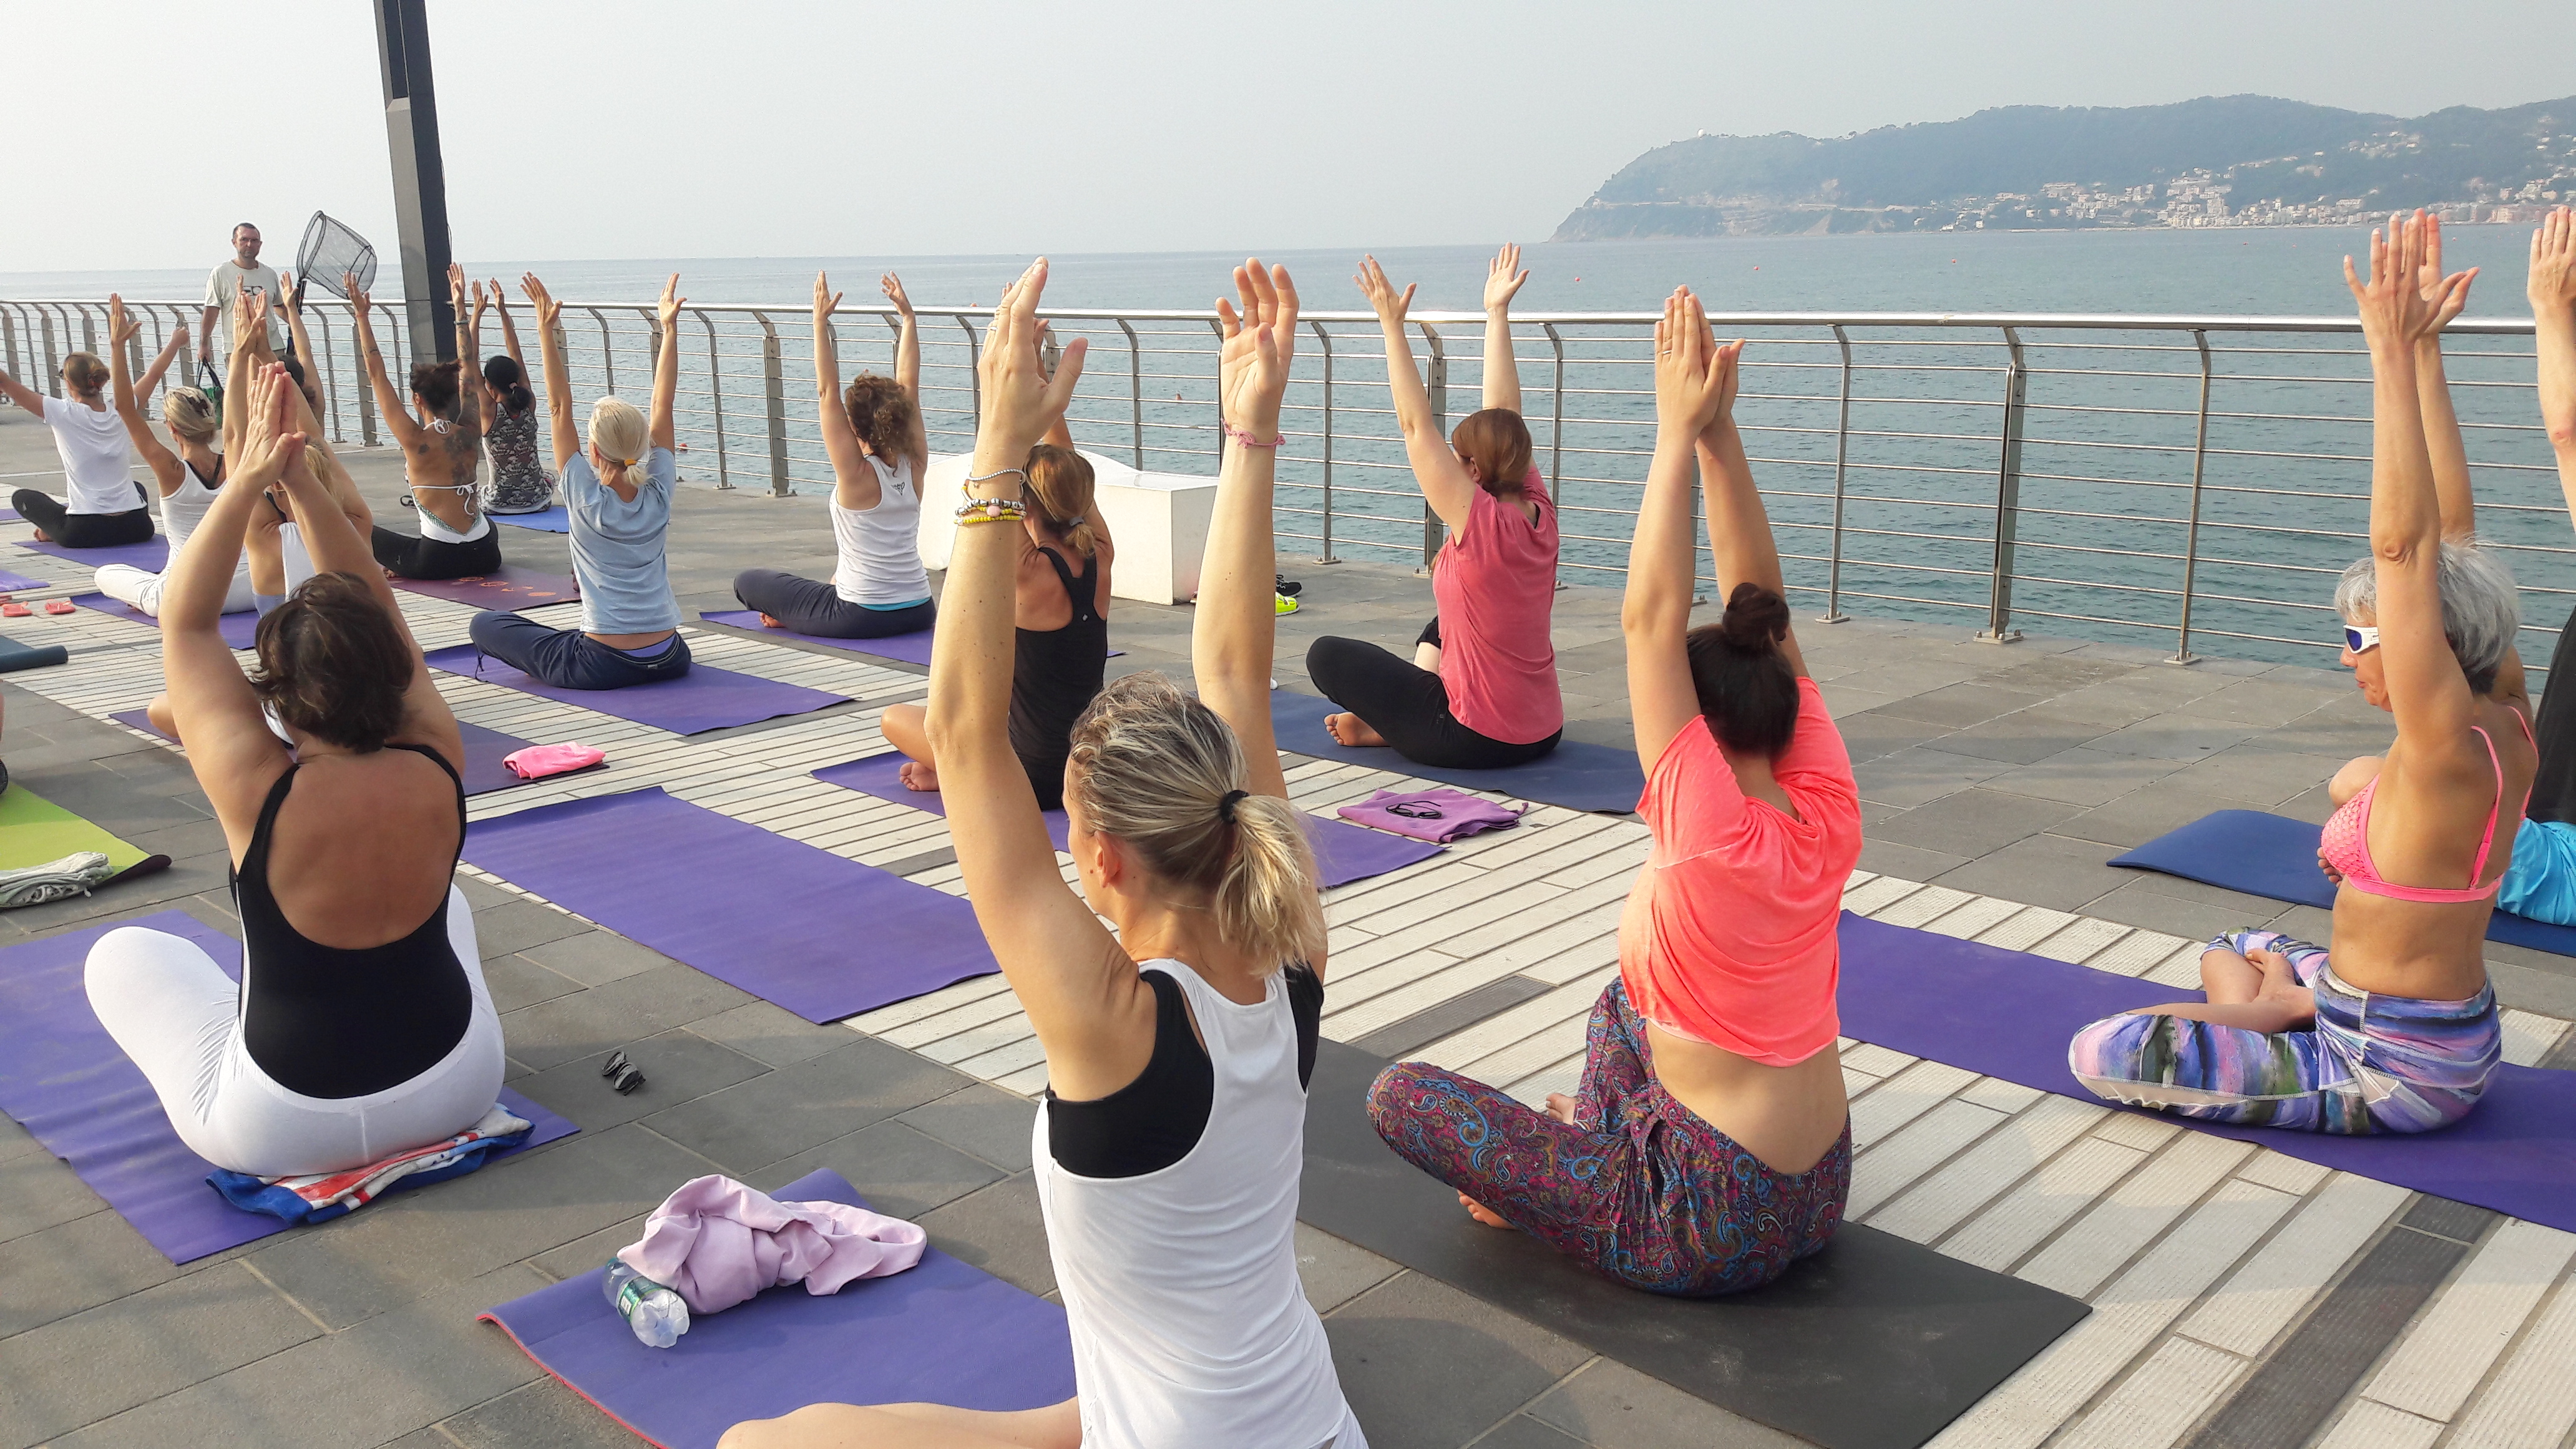 1_essere-free-yoga-gratuito-benessere-per-tutti-village-citta-alassio-estate-lucia-ragazzi-summer-town-wellness-013